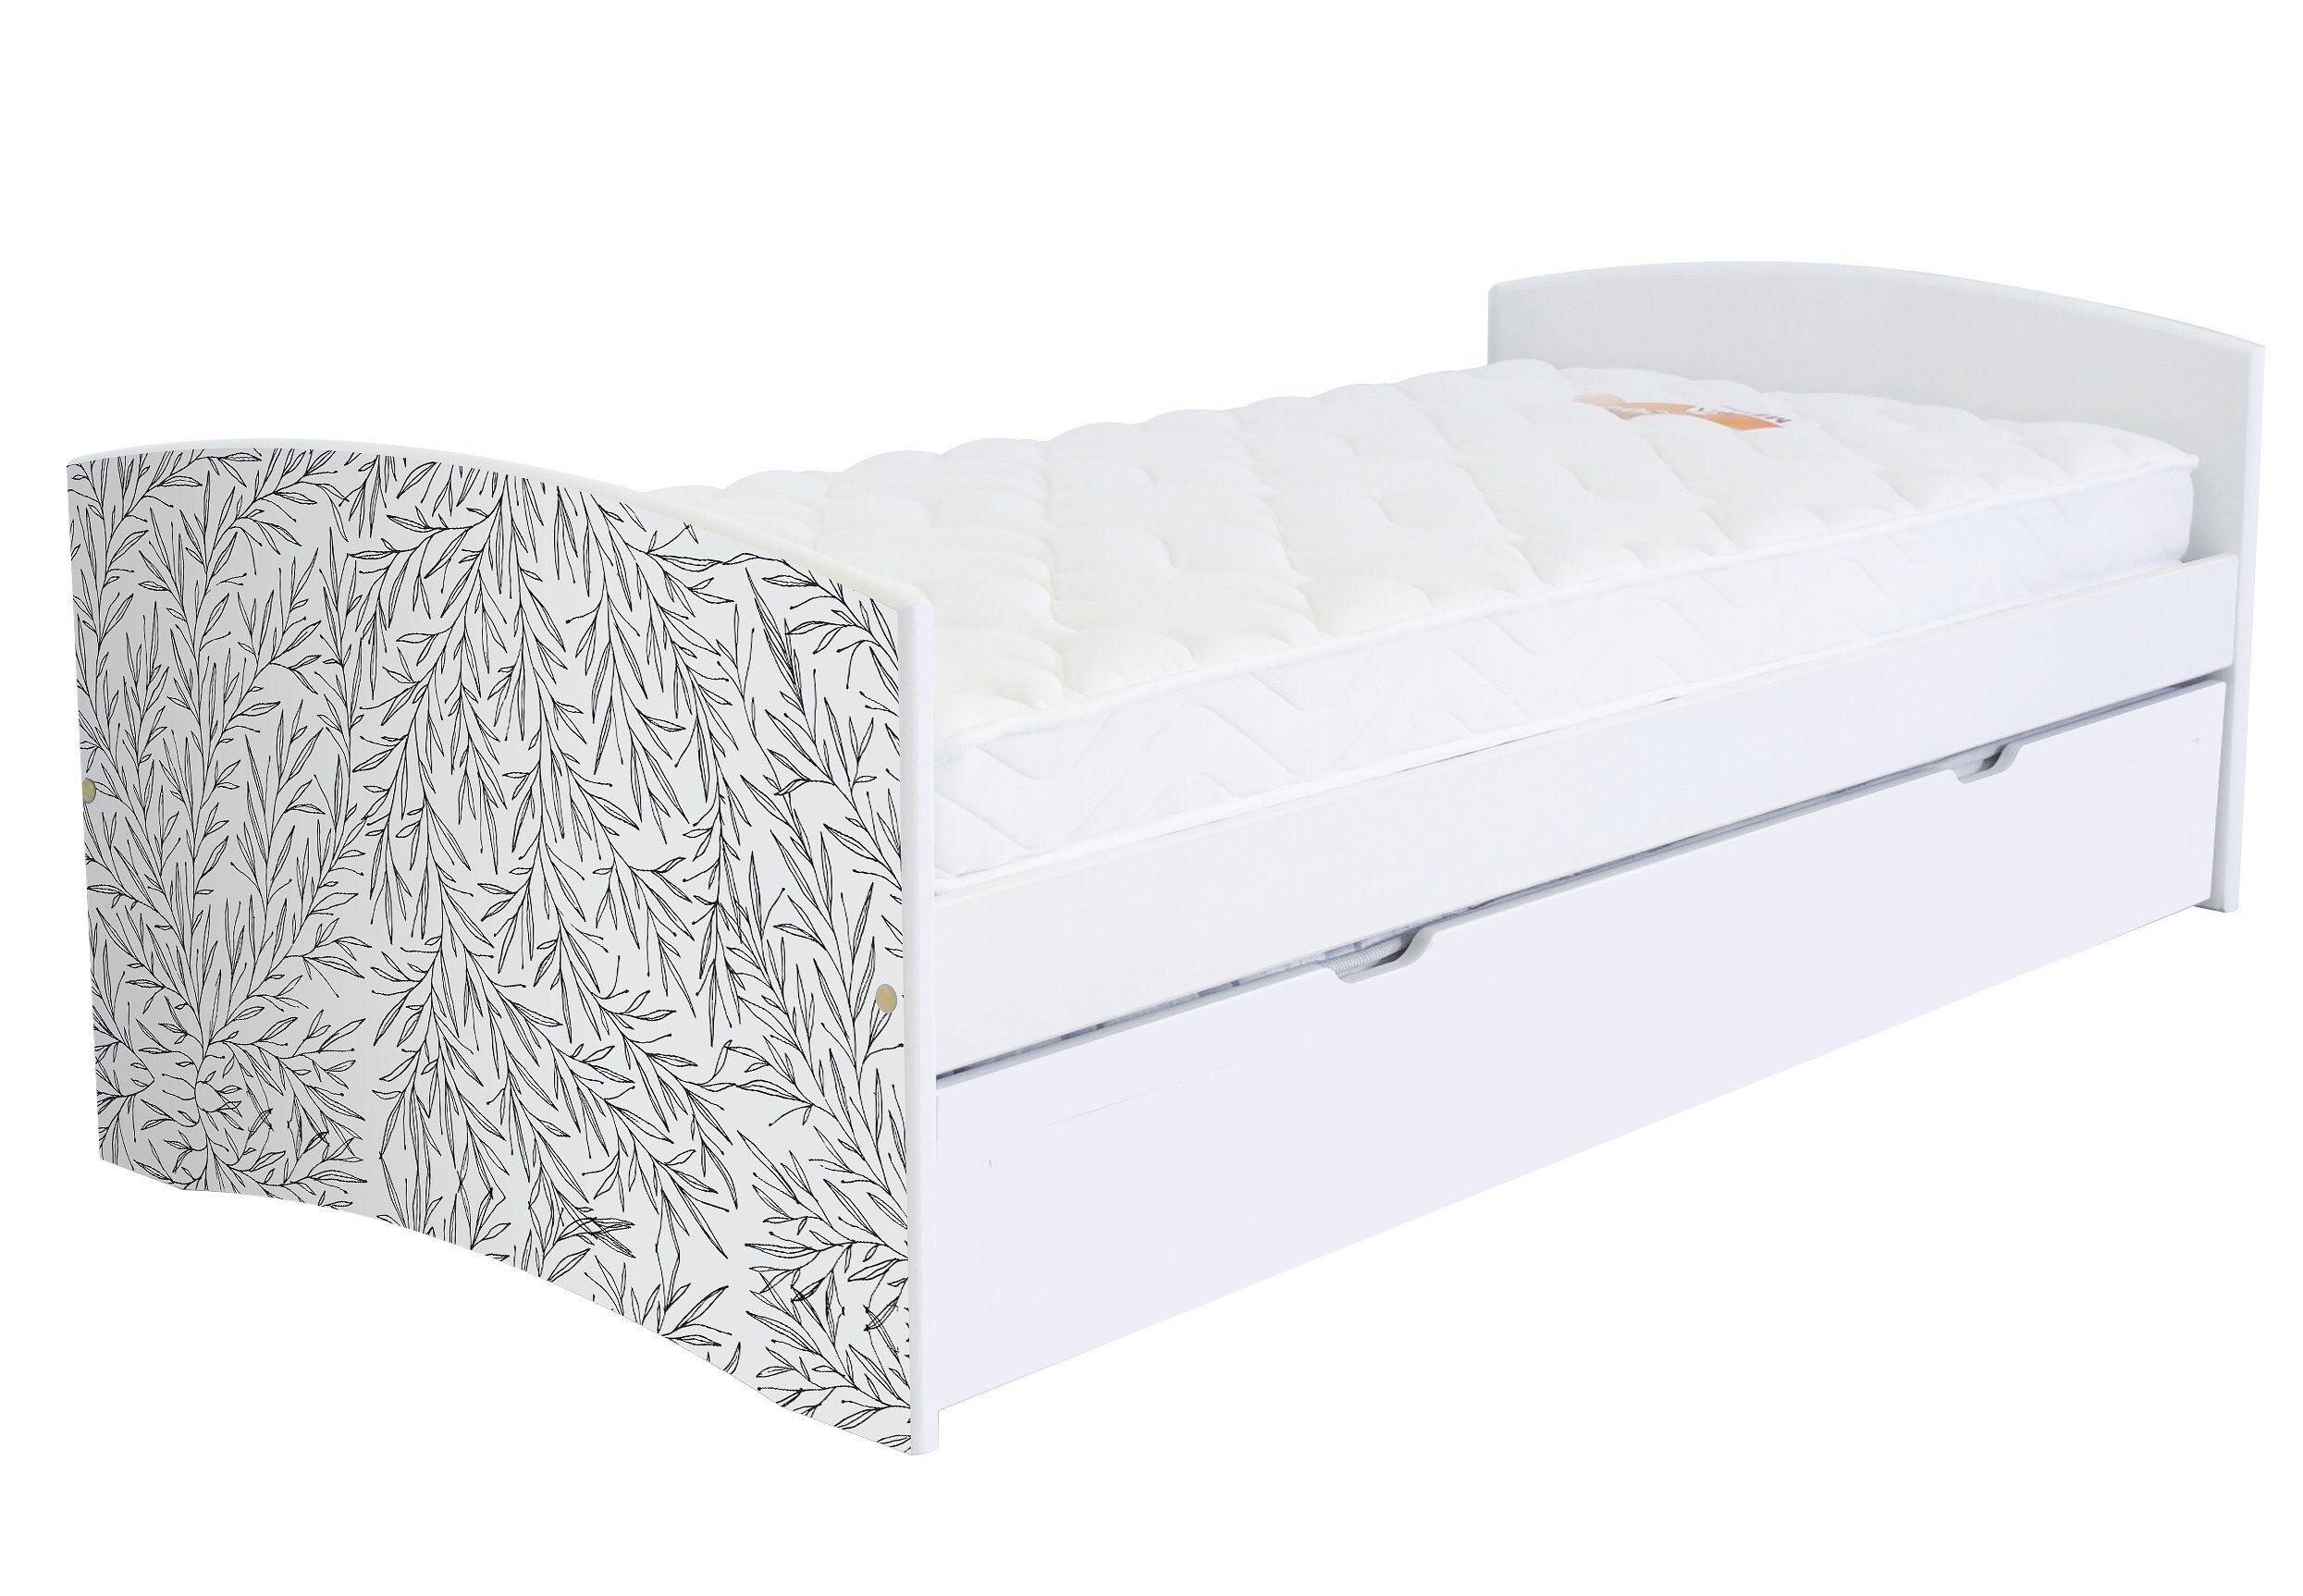 ABC MEUBLES Banquette lit gigogne Happy 90x190 cm bois et décor - 90x190 - Vernis naturel/Décor Tiges